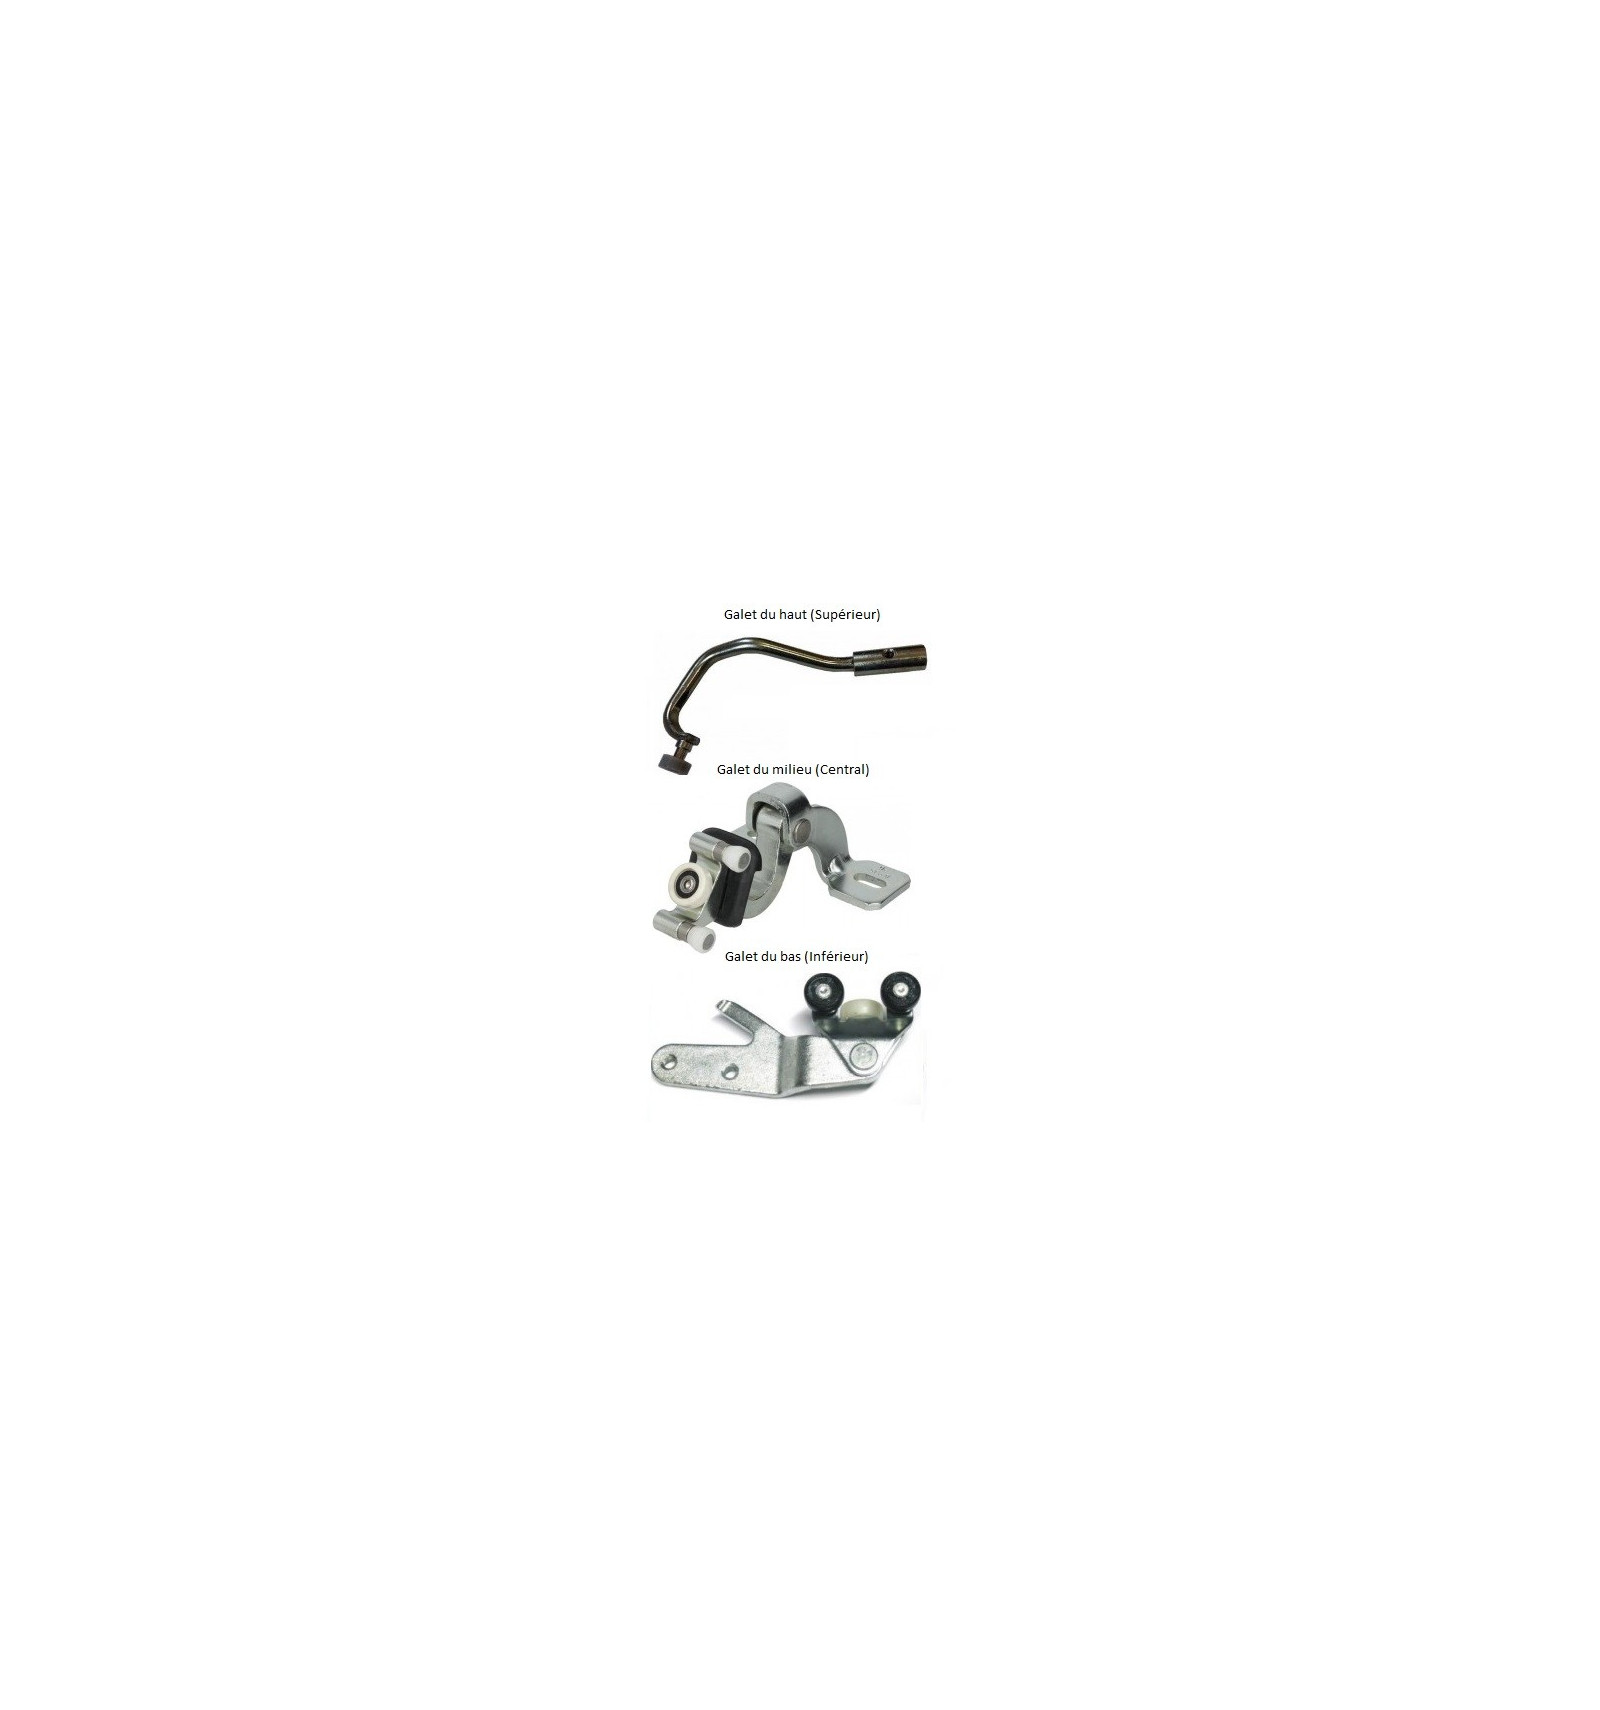 kit de roulette porte coulissante Kit 3 galets rouleaux de guidage porte lateale coulissante droite Citroen  Jumper Peugeot Boxer Fiat Ducato ...